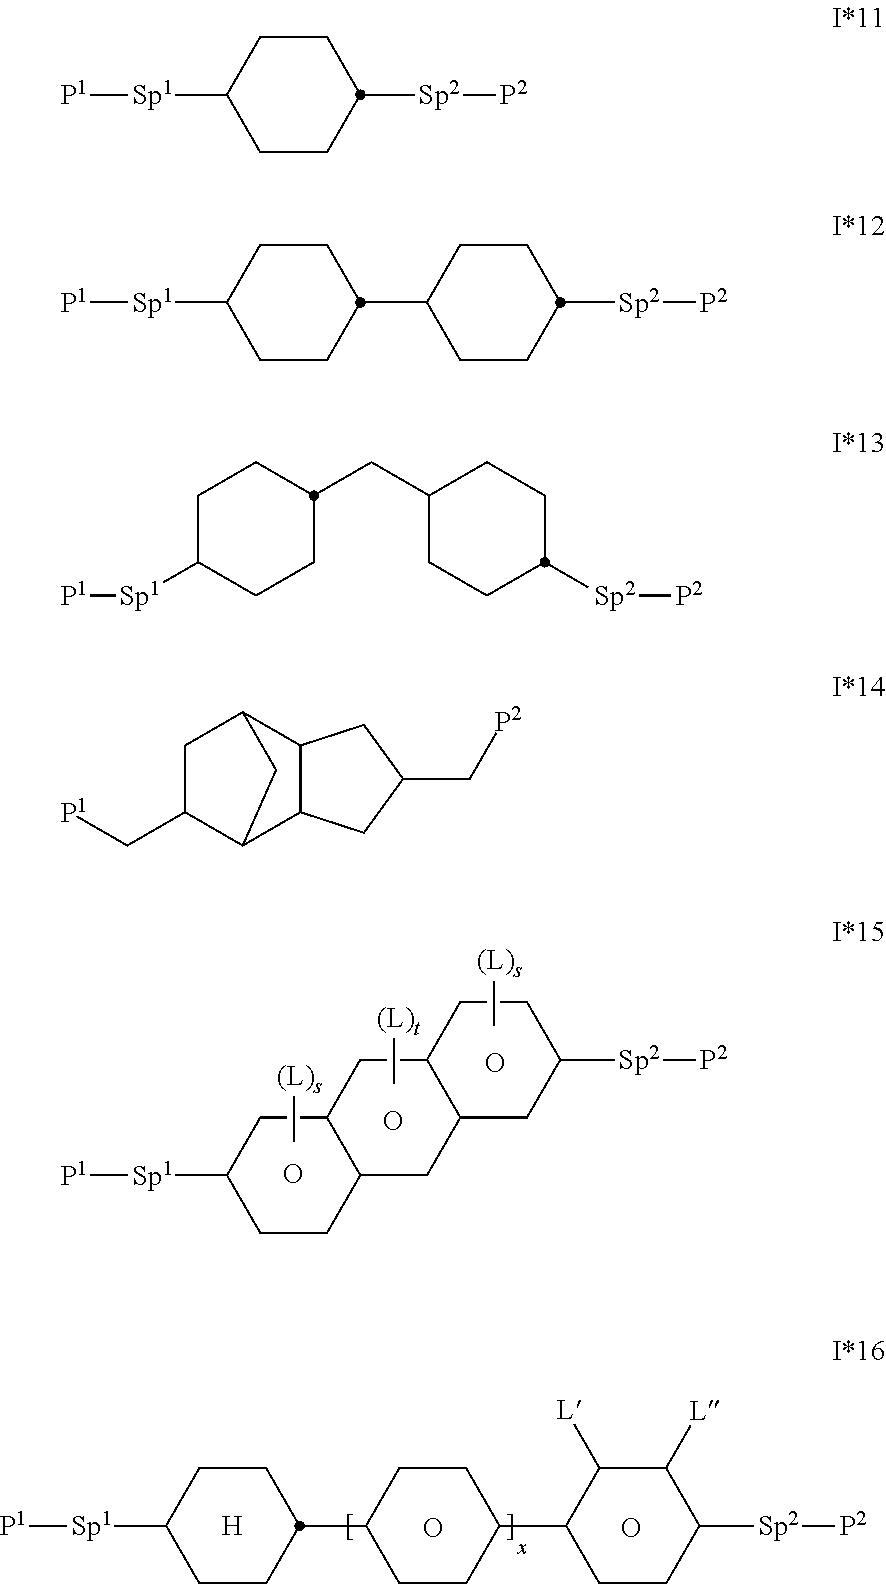 Figure US20110051049A1-20110303-C00008